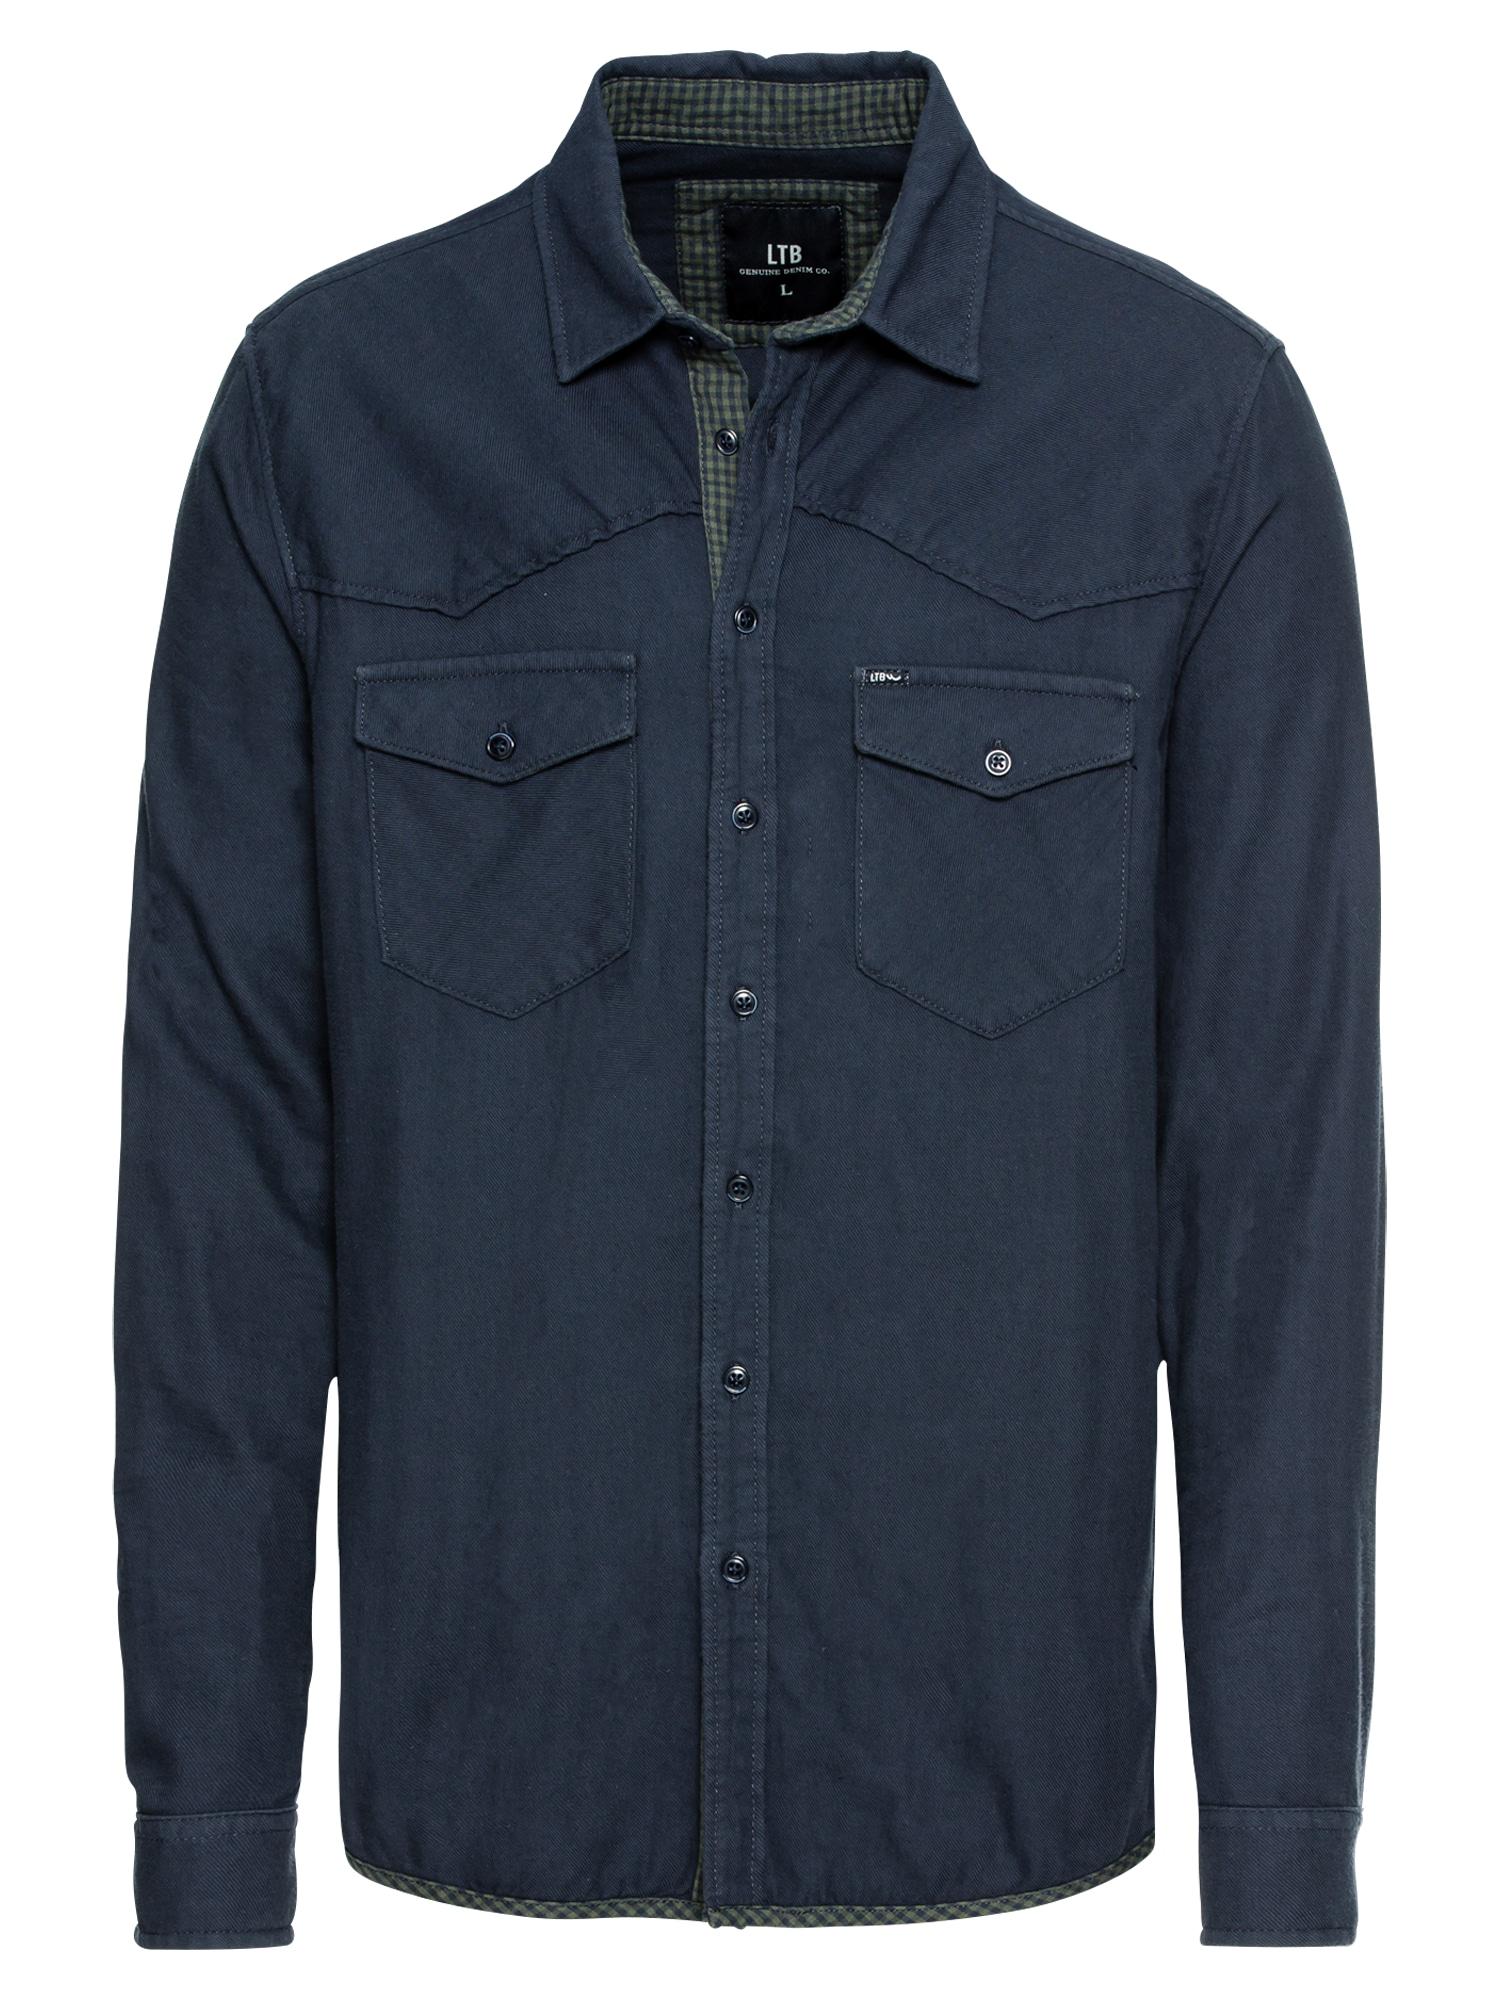 Košile FEMACE SHIRT námořnická modř zelená LTB